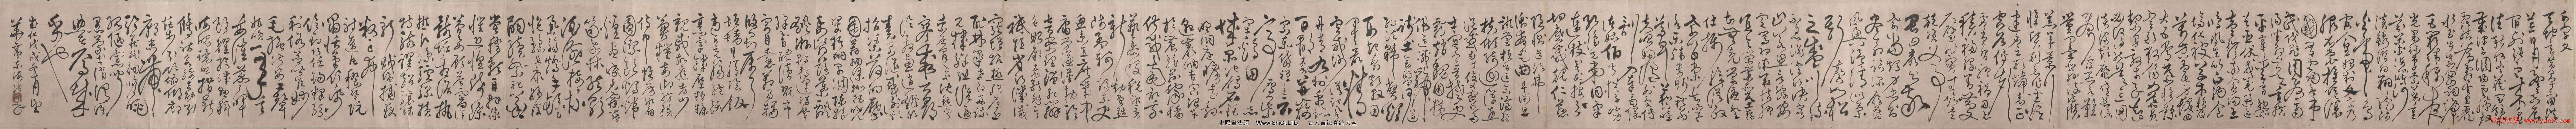 明代書法家張弼草書真跡欣賞《千字文》手卷(共39張圖片)